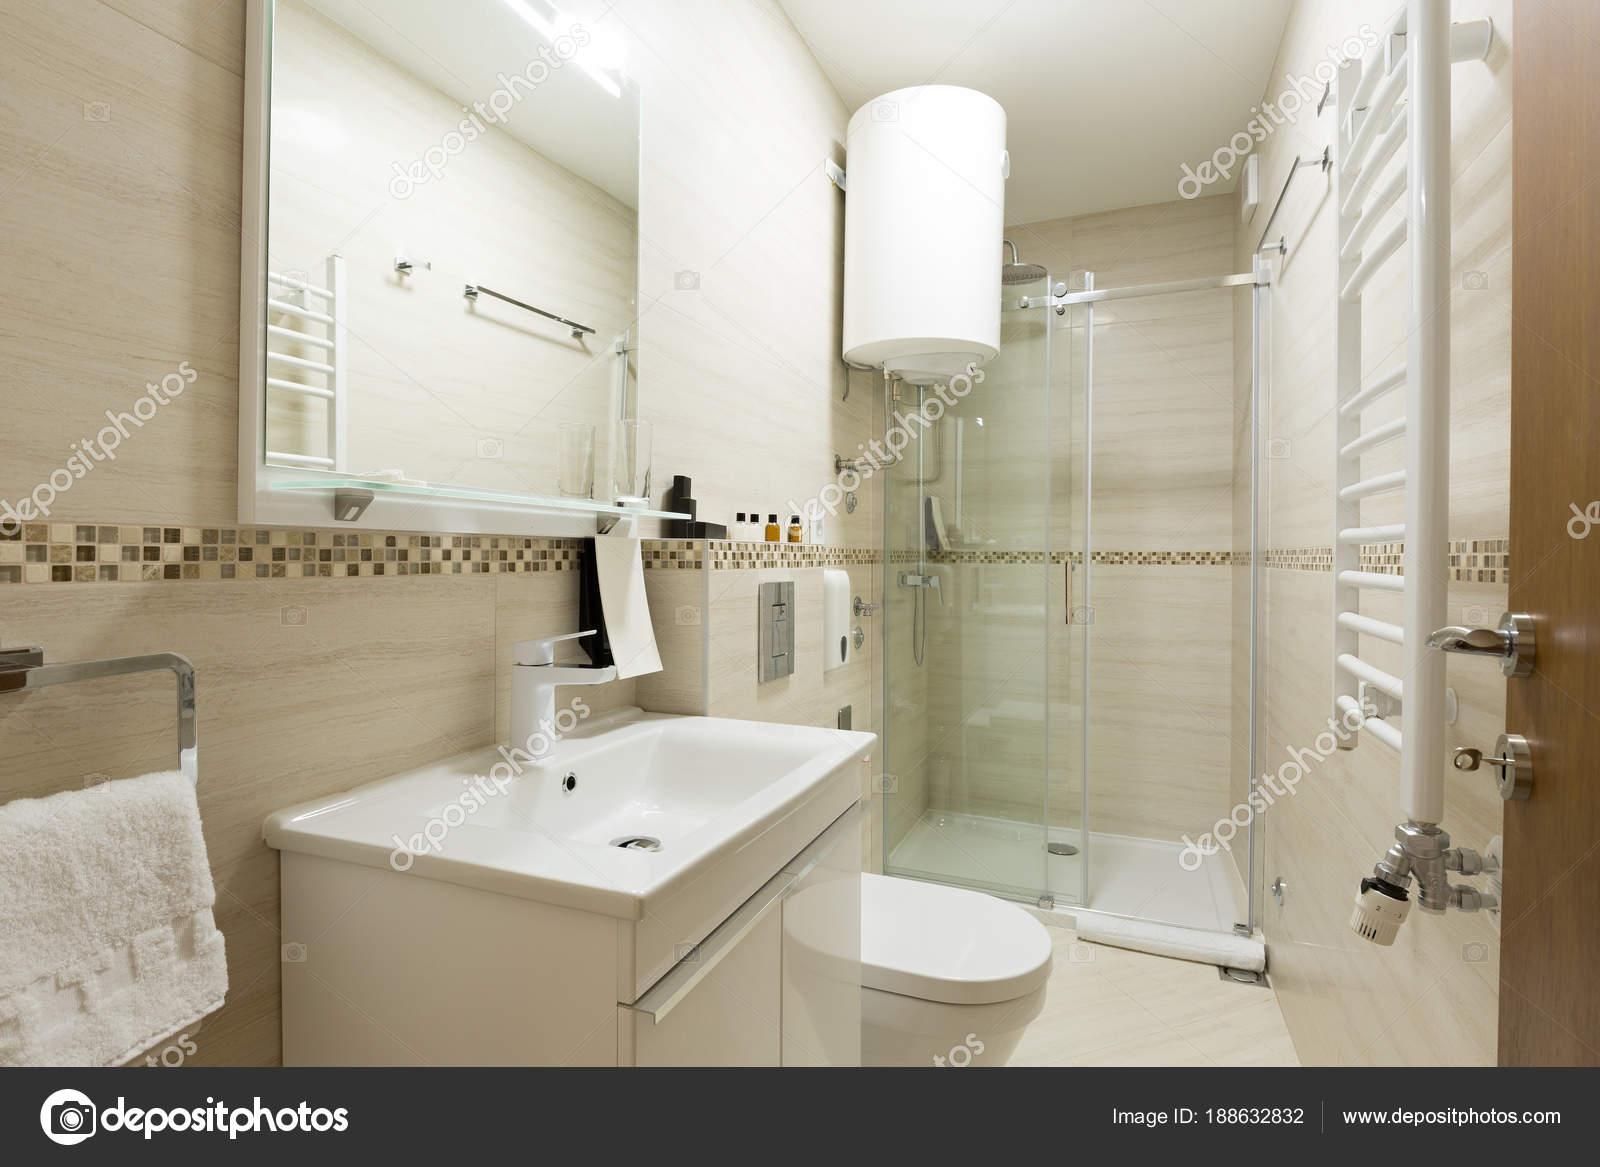 74615fe964 Interni di un bagno con cabina doccia — Foto Stock © rilueda #188632832